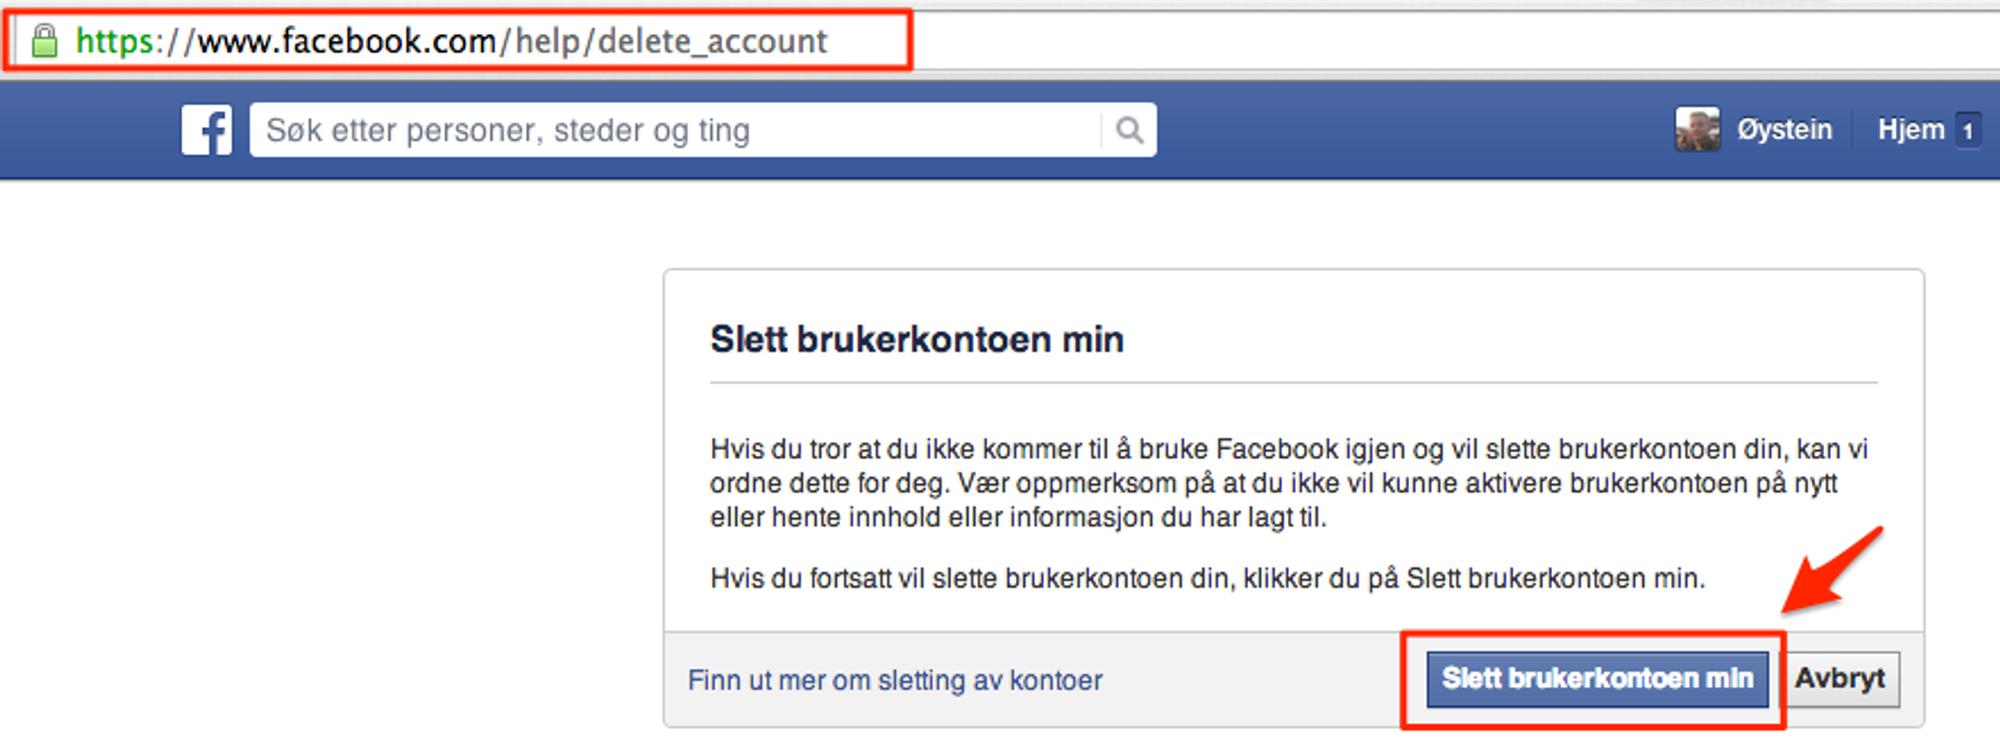 hvordan slette facebook konto permanent